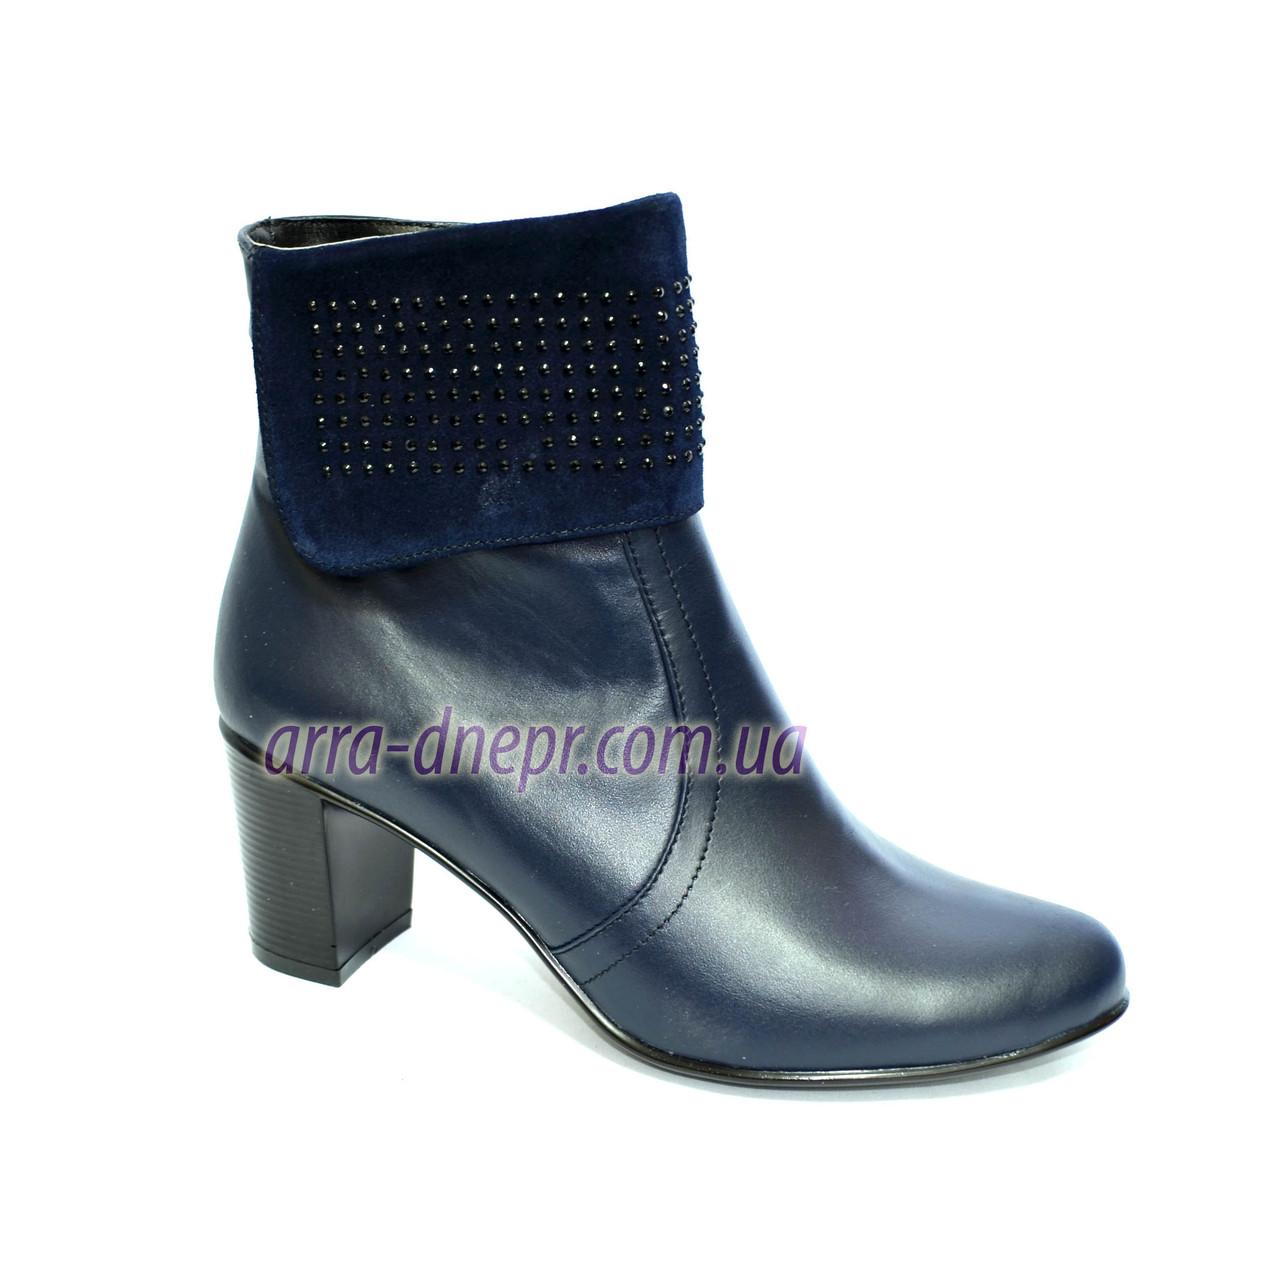 Женские синие кожаные демисезонные ботинки на каблуке, декорированы стразами.